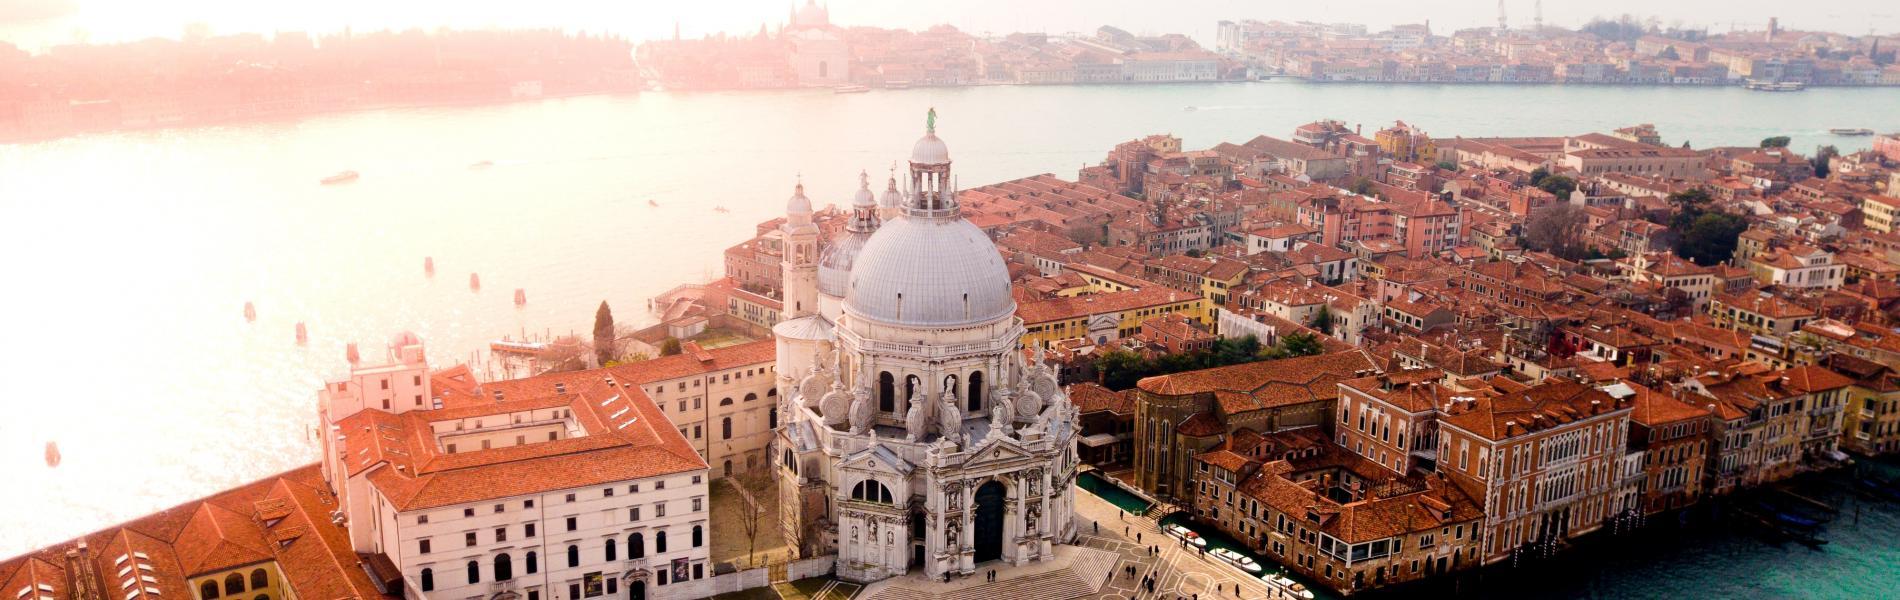 Langara College - European Field Studies in Italy